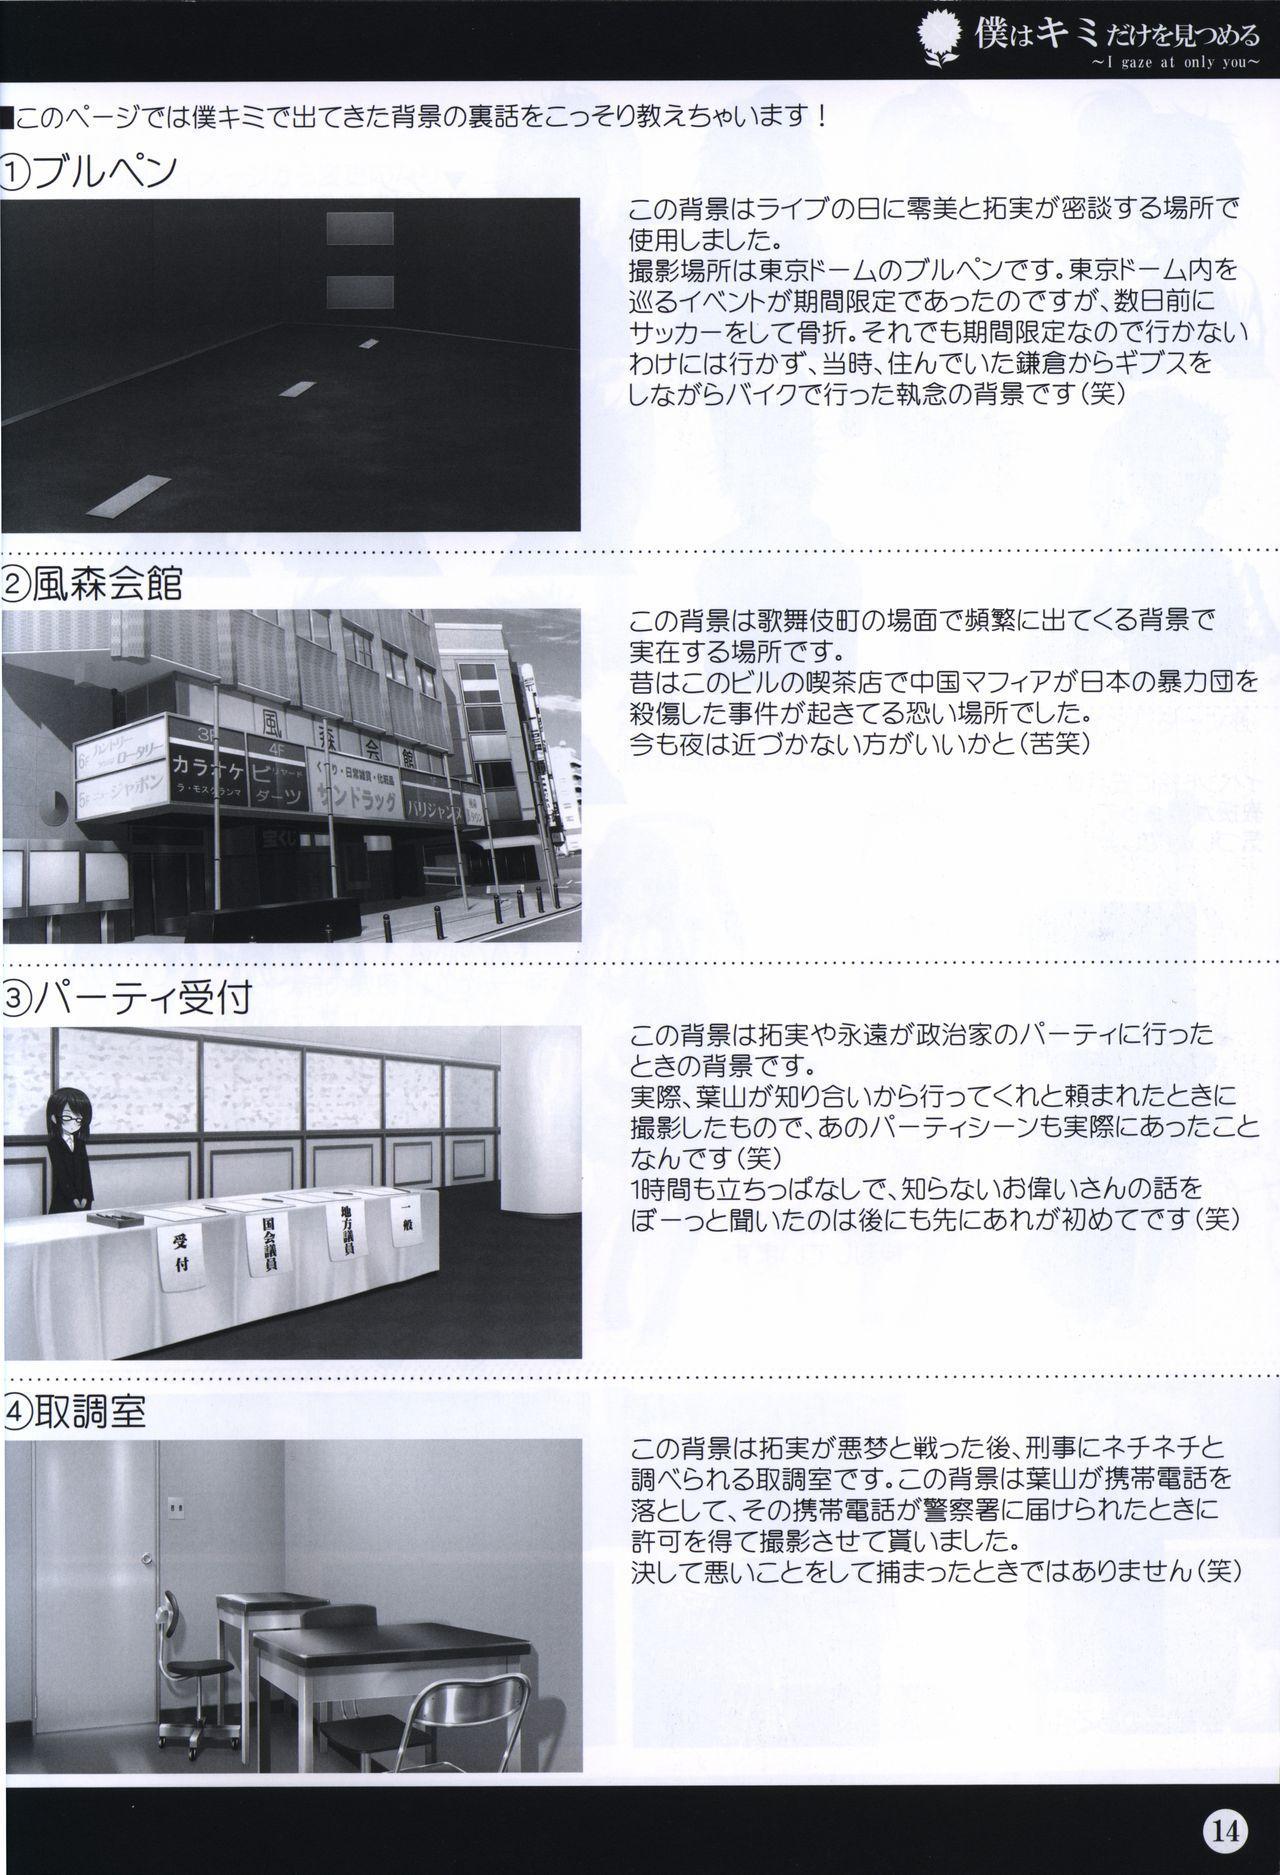 Boku wa Kimi Dake o Mitsumeru art collection 2 13